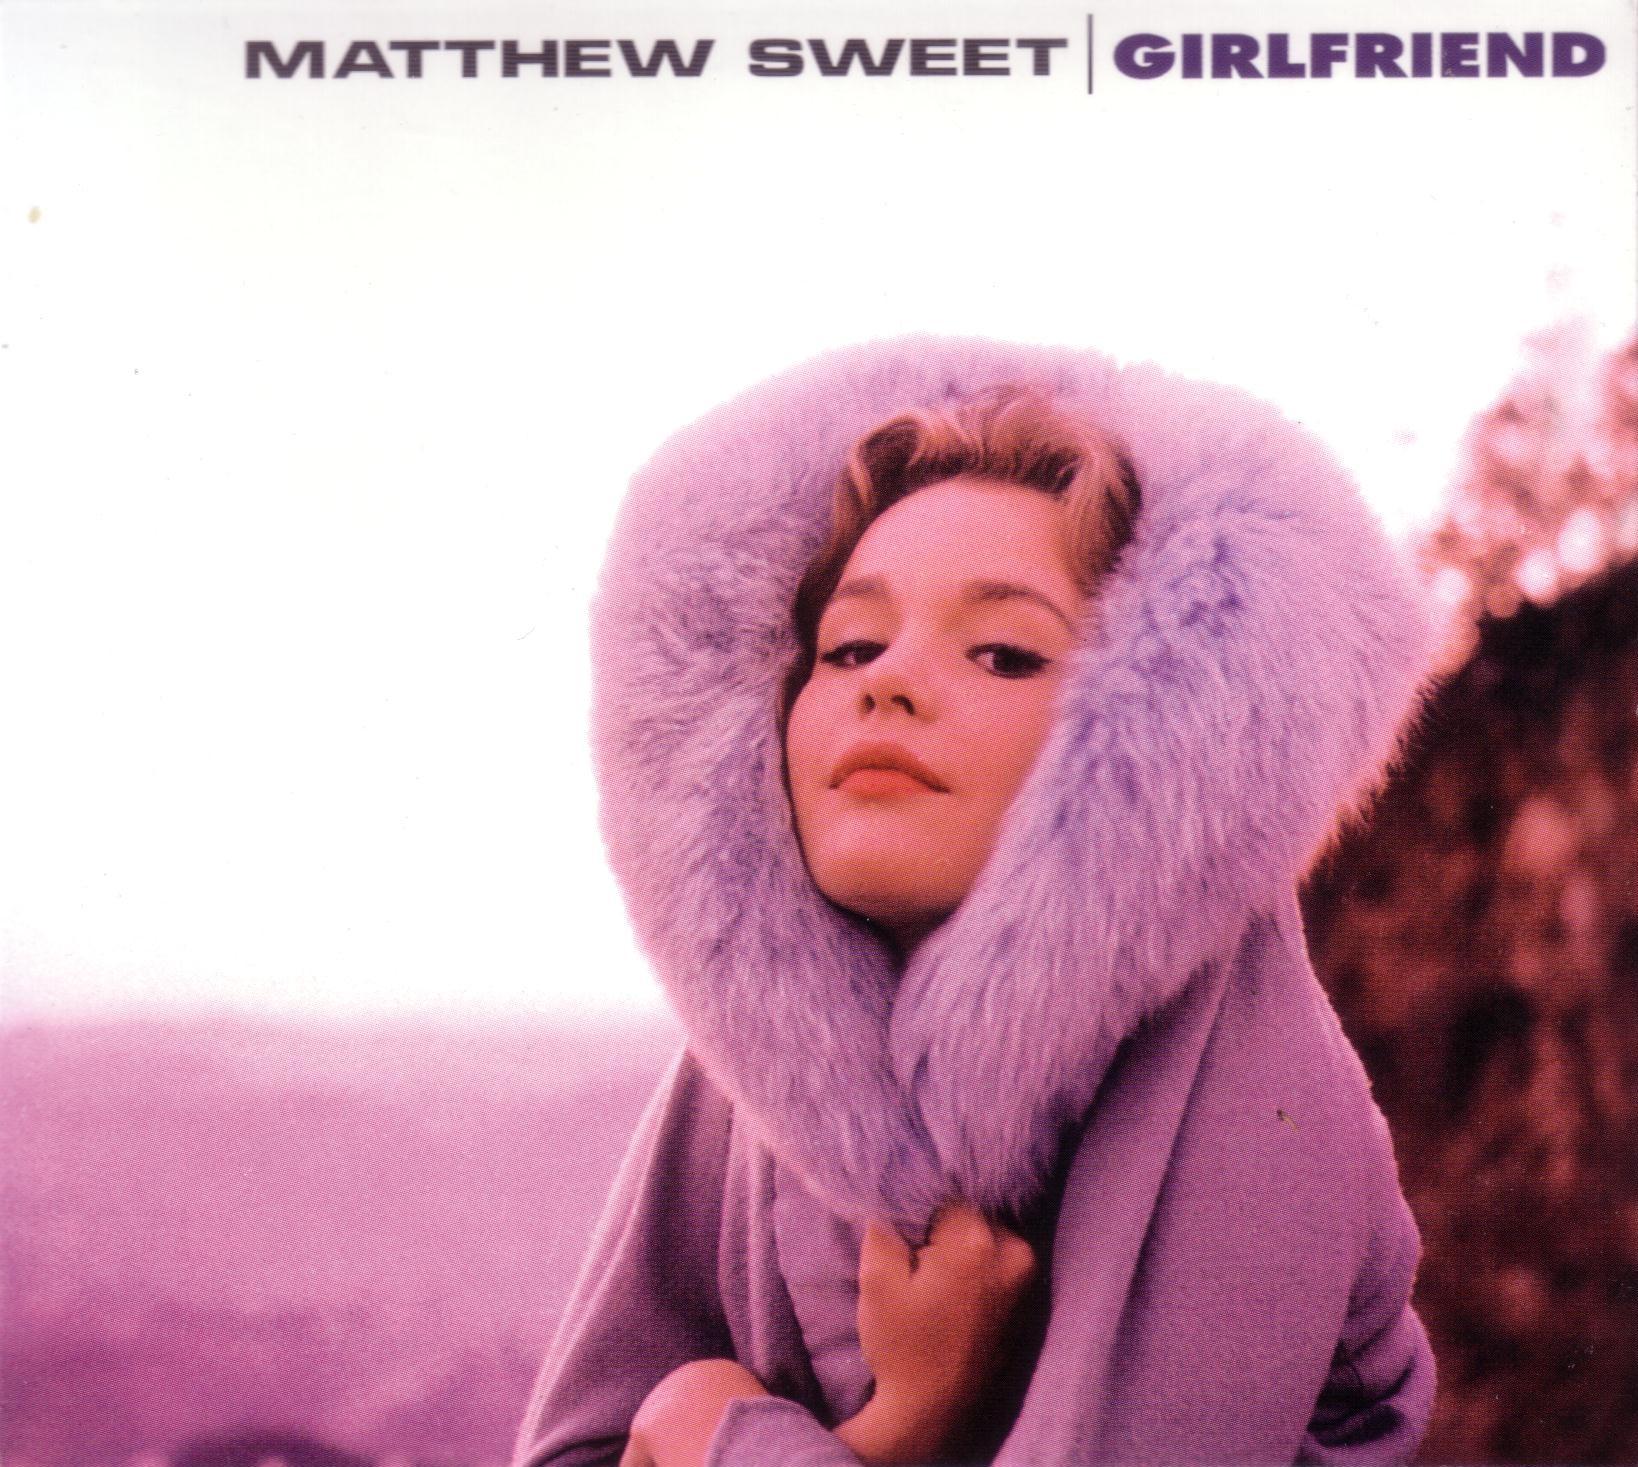 matthew-sweet-girlfriend-album-art.jpg